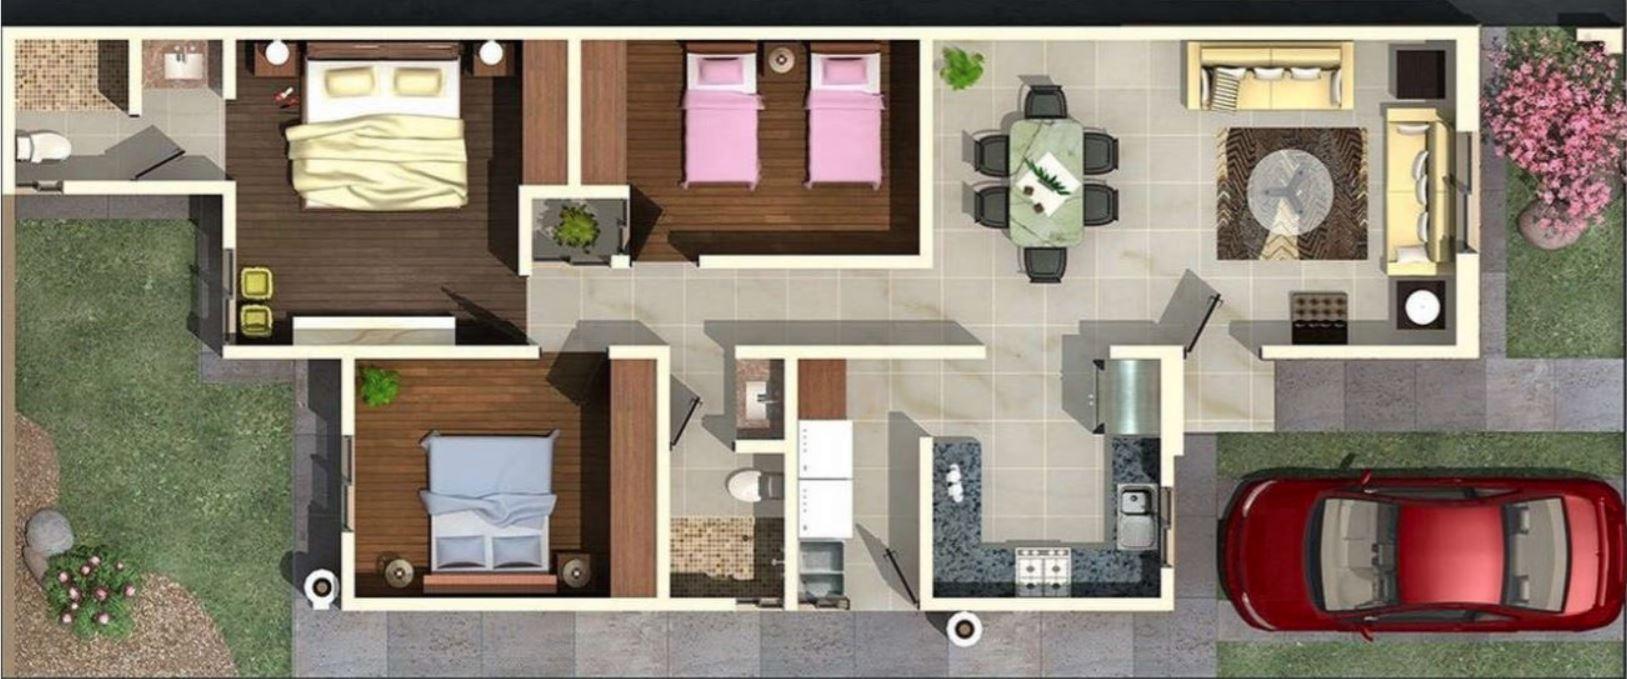 Planos y casas planos de casas plantas arquitect nicas Planos de casas para construir de una planta